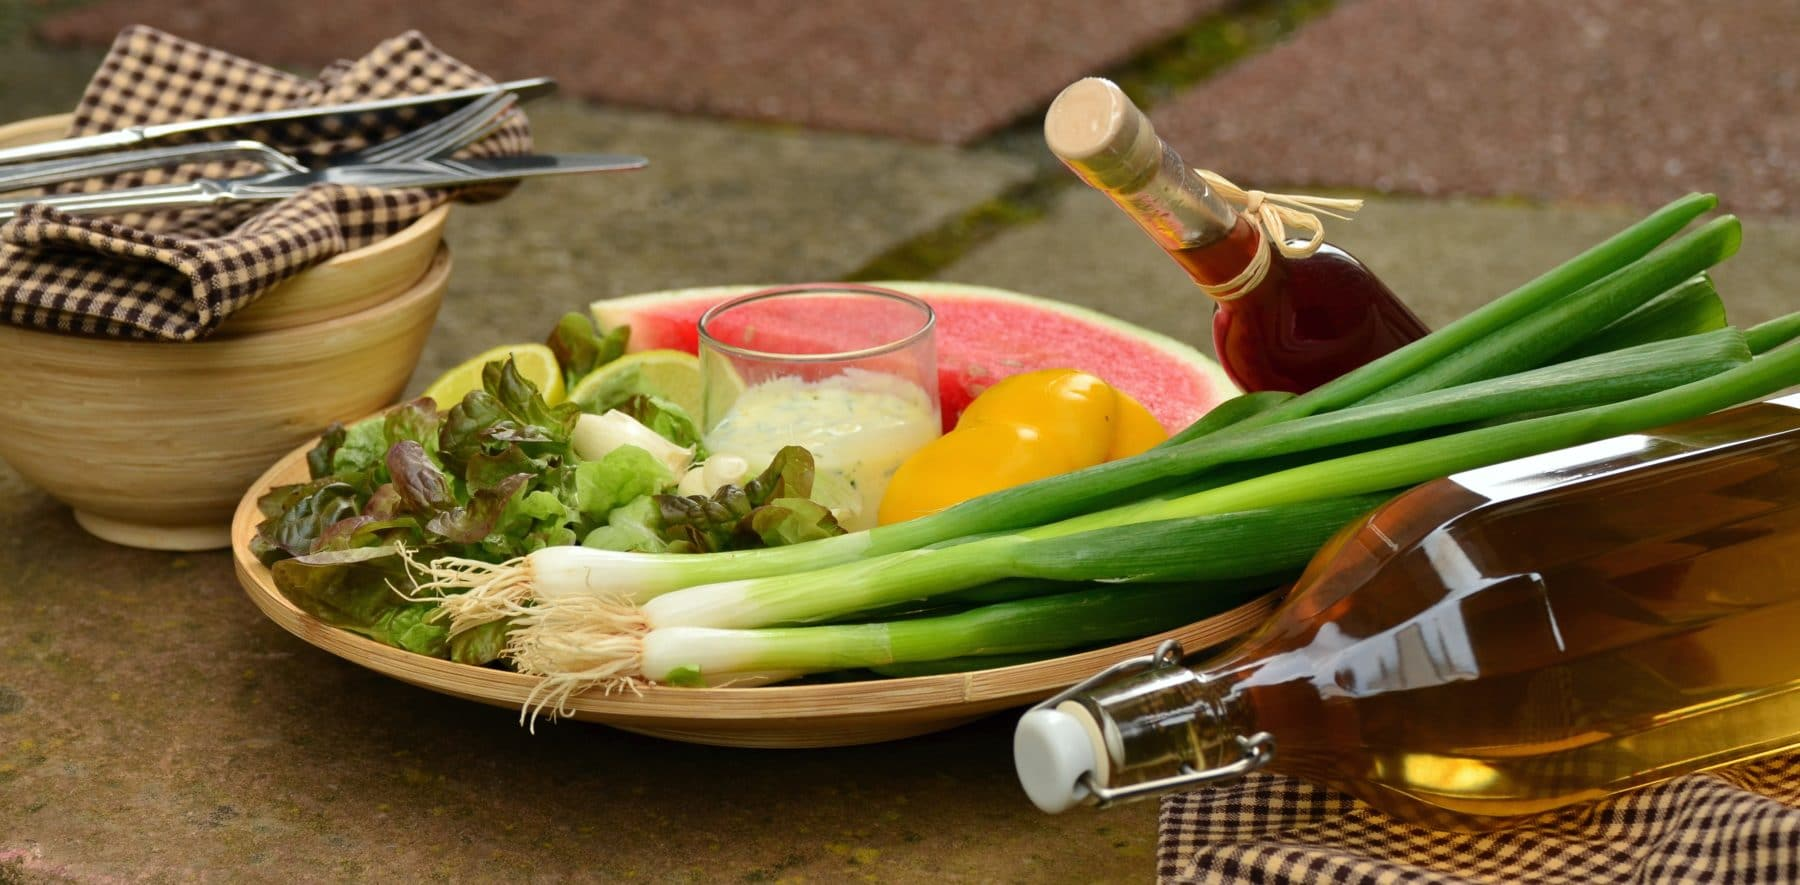 Schale mit Gemüse, Salat, Öl und Essig zum kochen vorbereitet